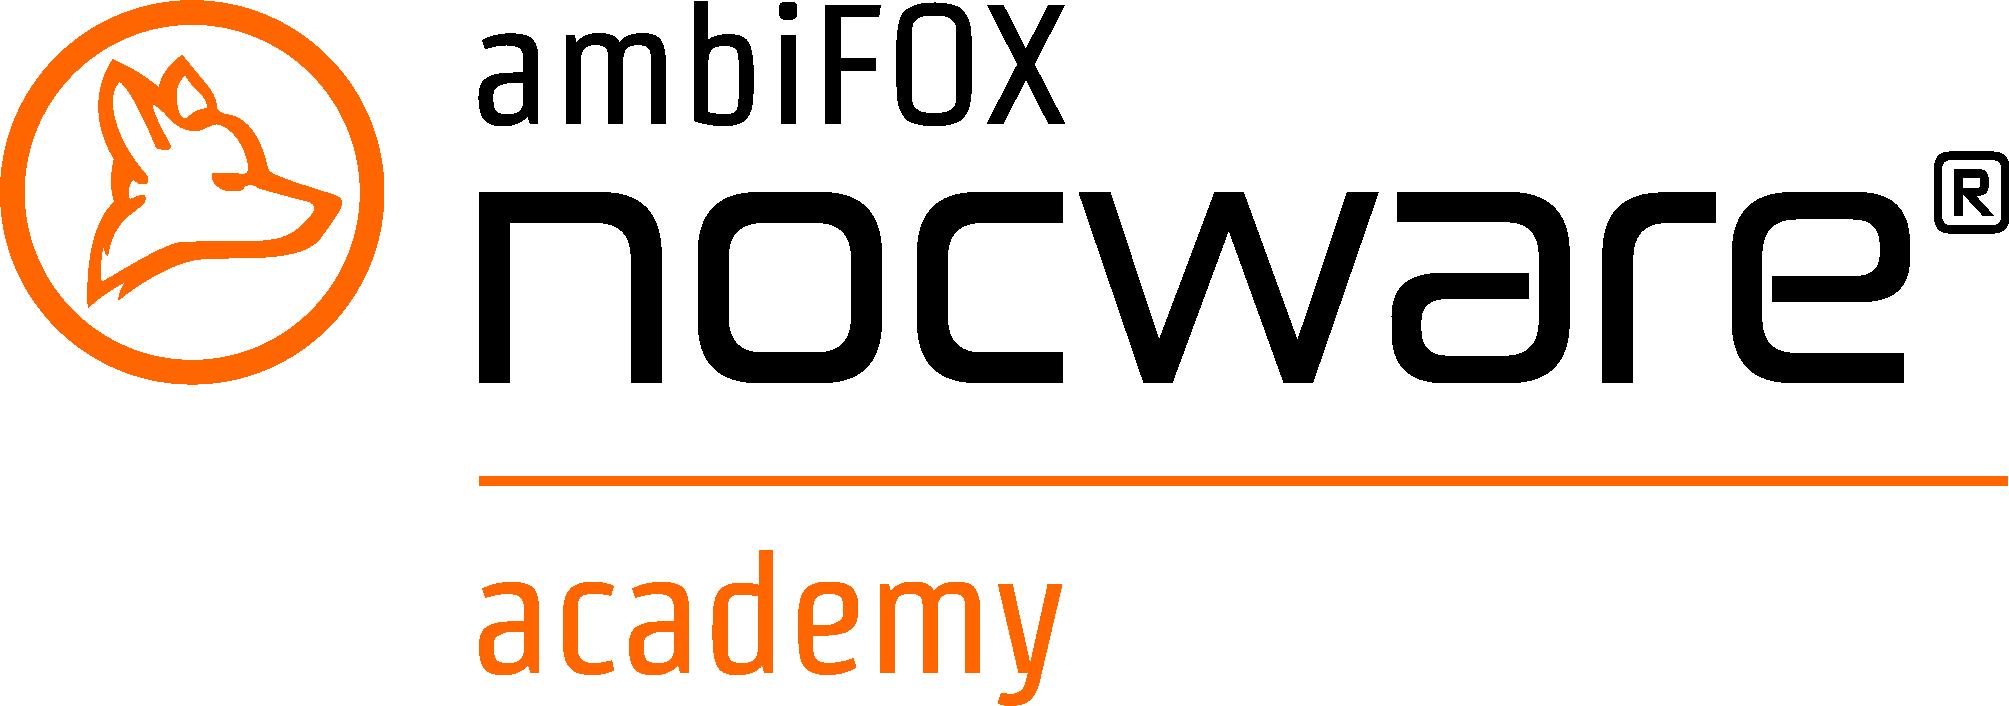 nocware academy